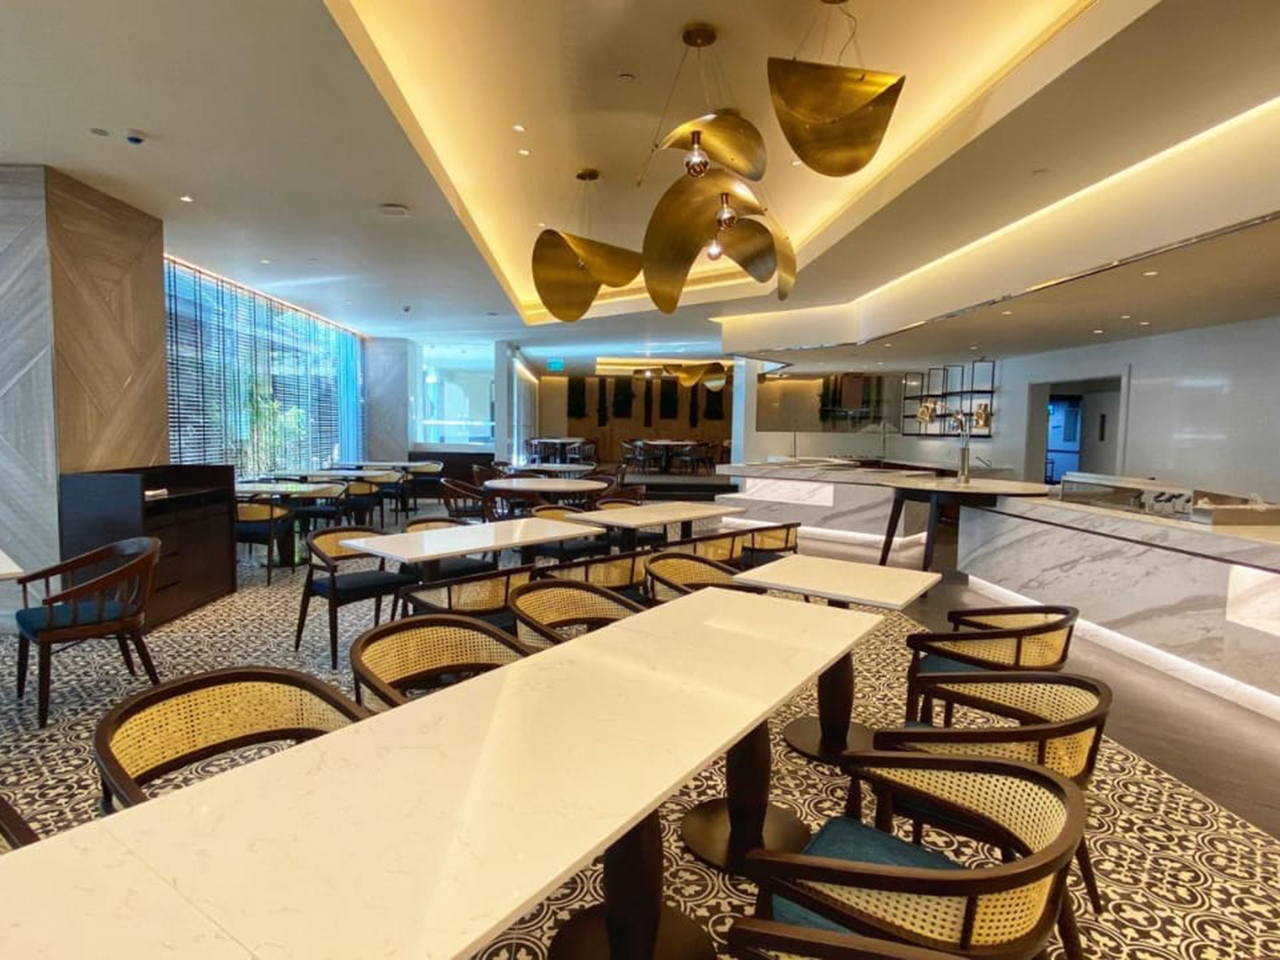 Cinnamon Grand Colombo - Taprobane Restaurant